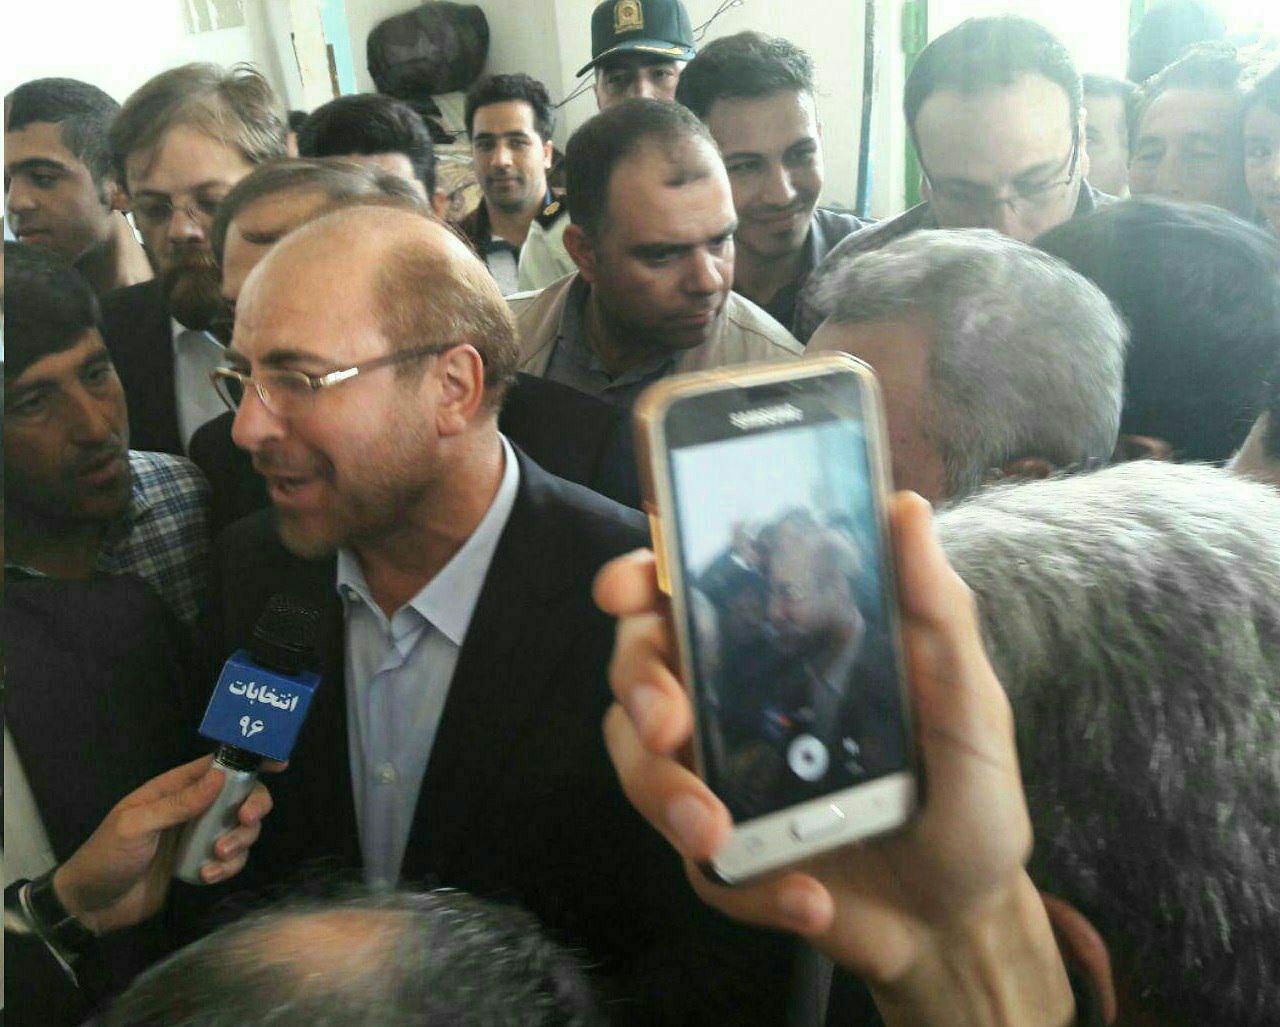 انتخابات ریاست جمهوری: مشارکت بالای مردم در حوزه های رای گیری/ مقام معظم رهبری رای دادند/ روحانی رای داد:  با آمادگی به قرن جدید وارد شویم